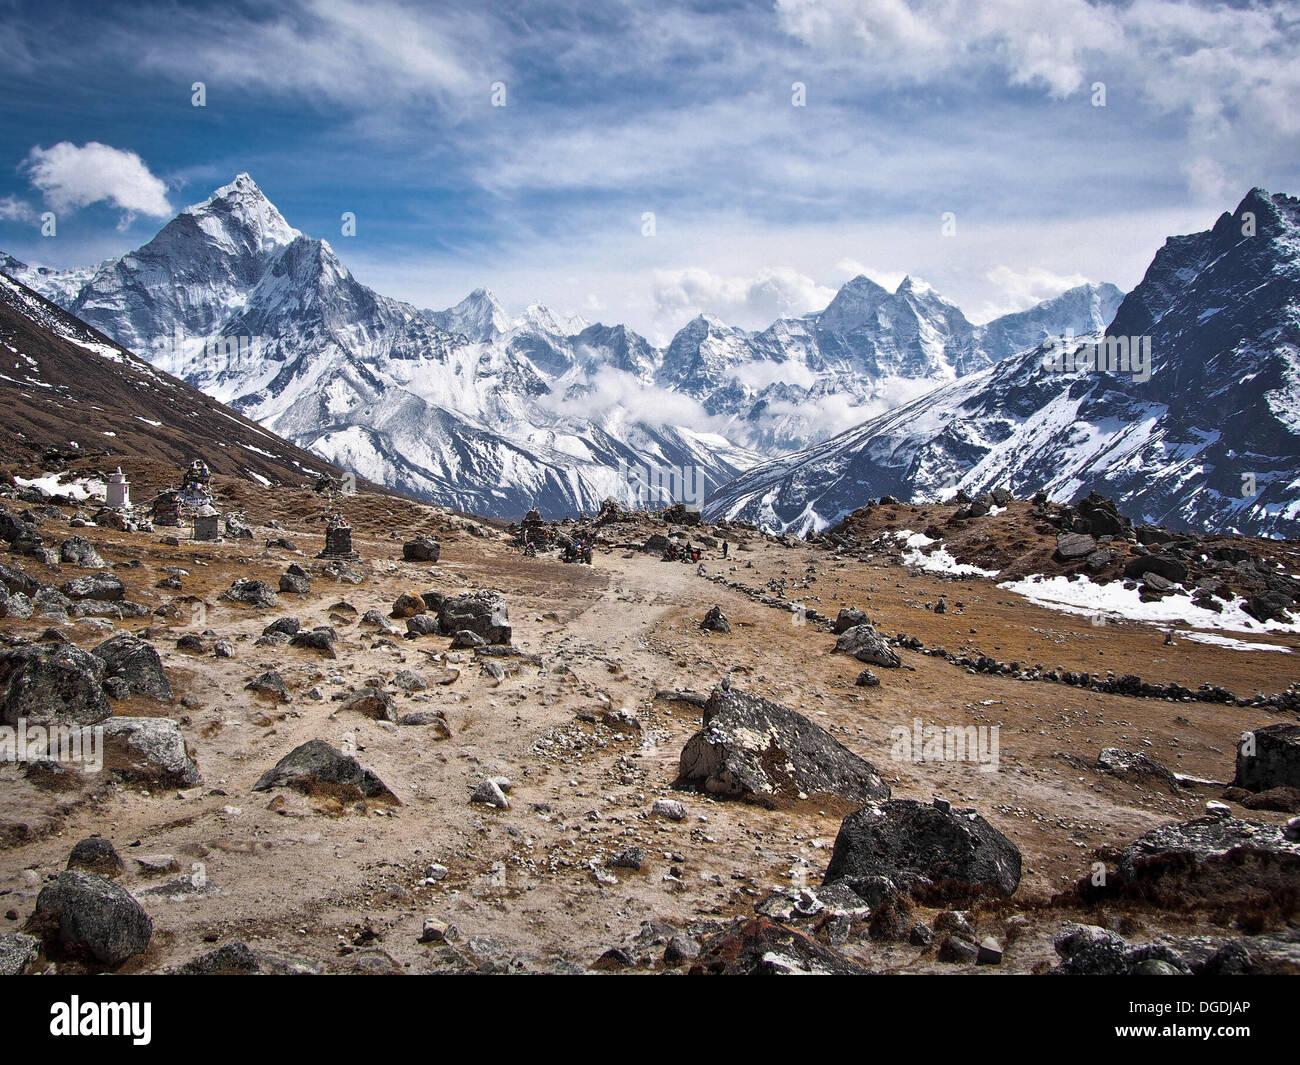 Ama Dablam (sinistra) e altri picchi lungo il Campo Base Everest Trek, Nepal. Immagini Stock